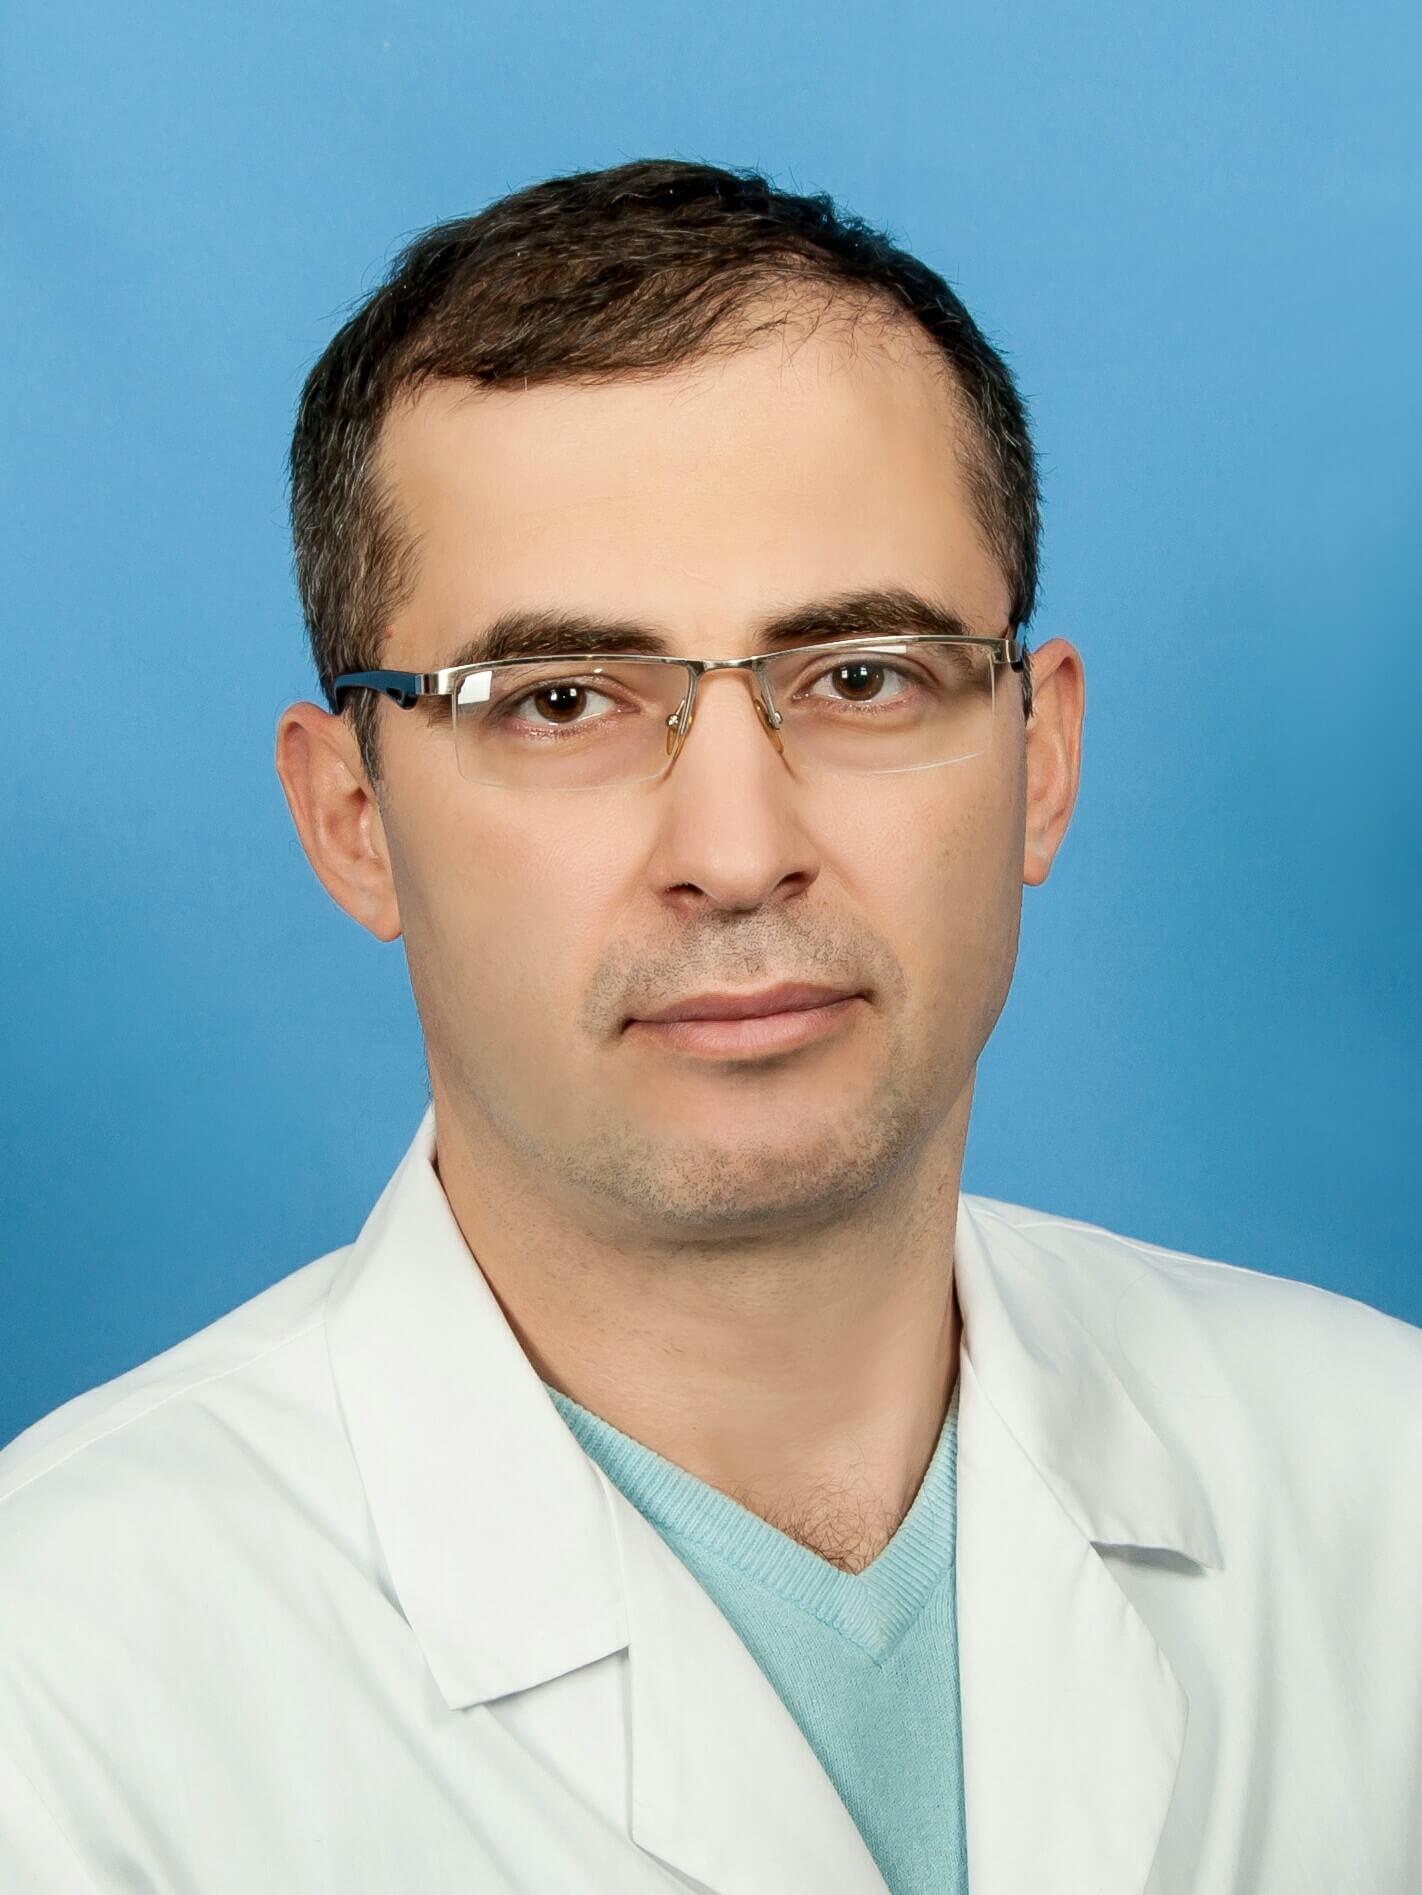 Врач УЗИ, хирург Газимагомедов З.М.